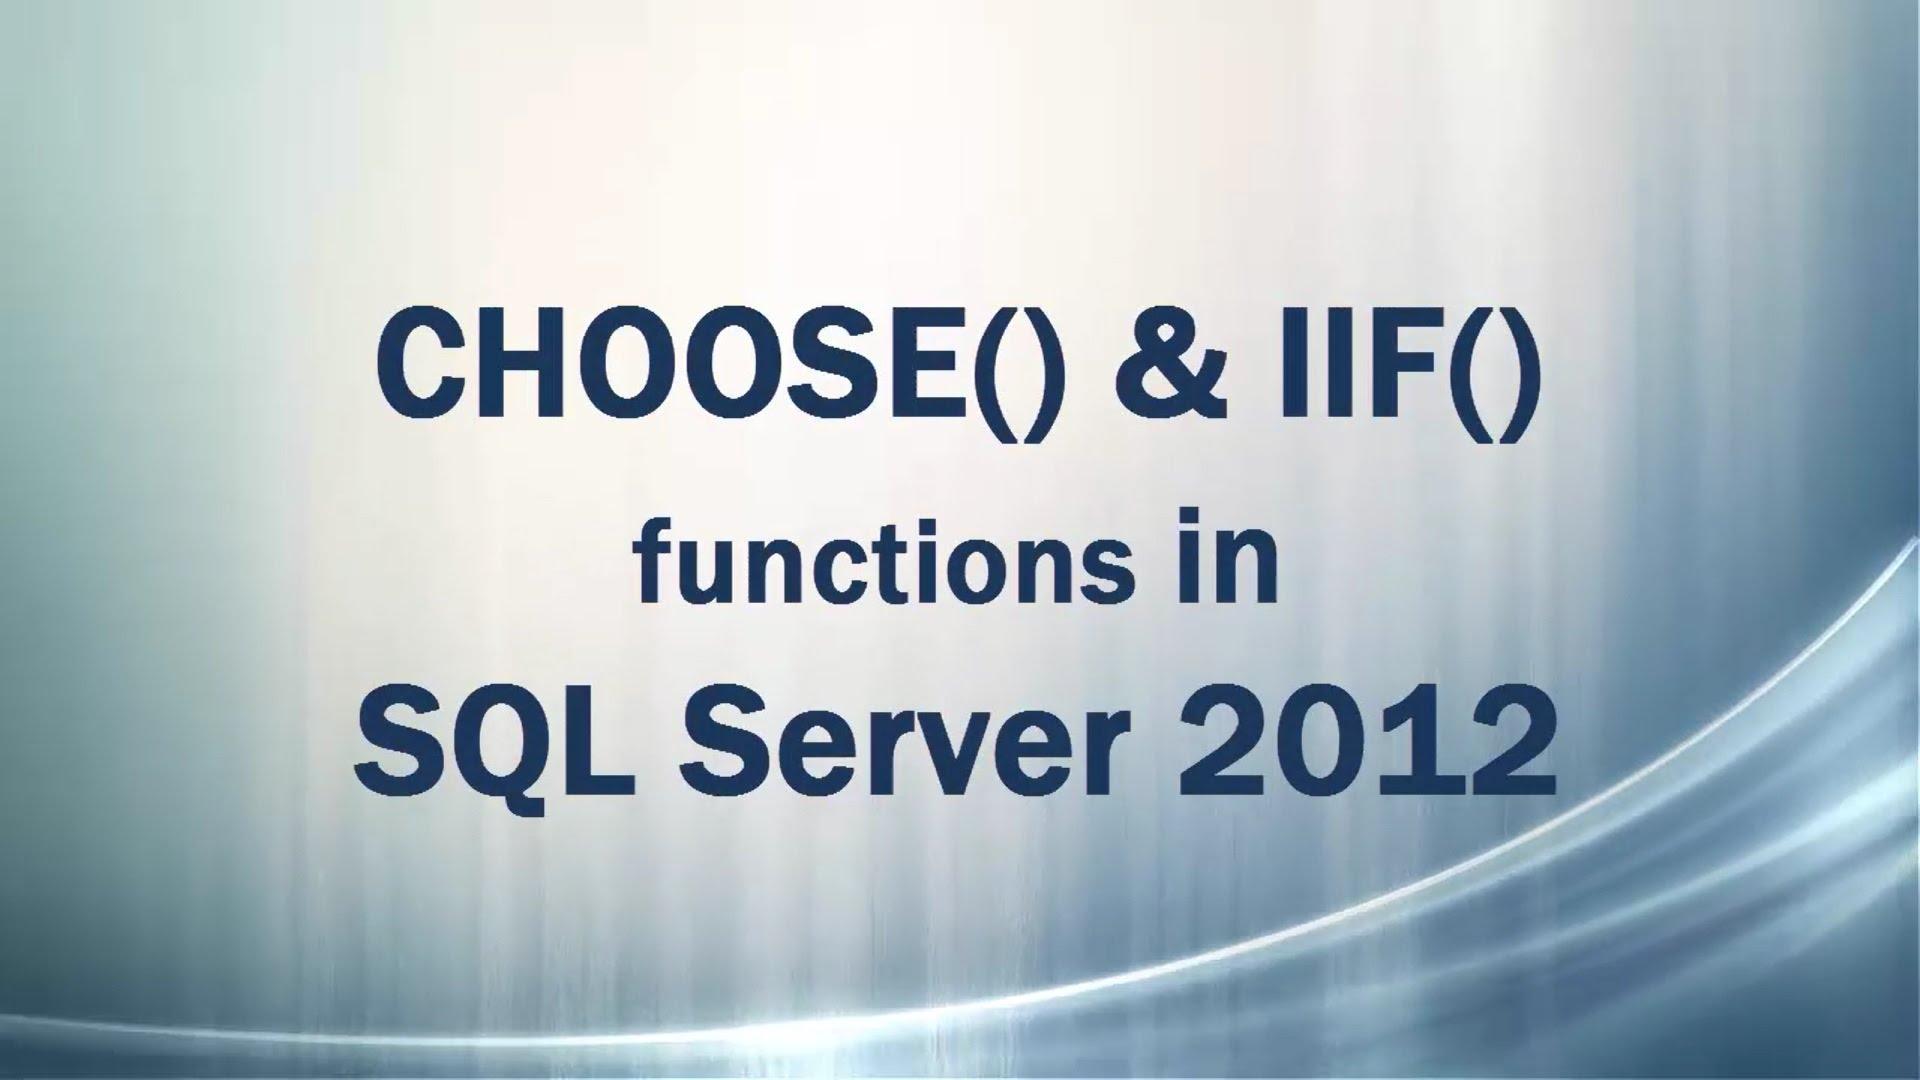 [SQLSERVER] Hướng dẫn sử dụng hàm CHOOSE và IIF trong SQLSERVER 2016